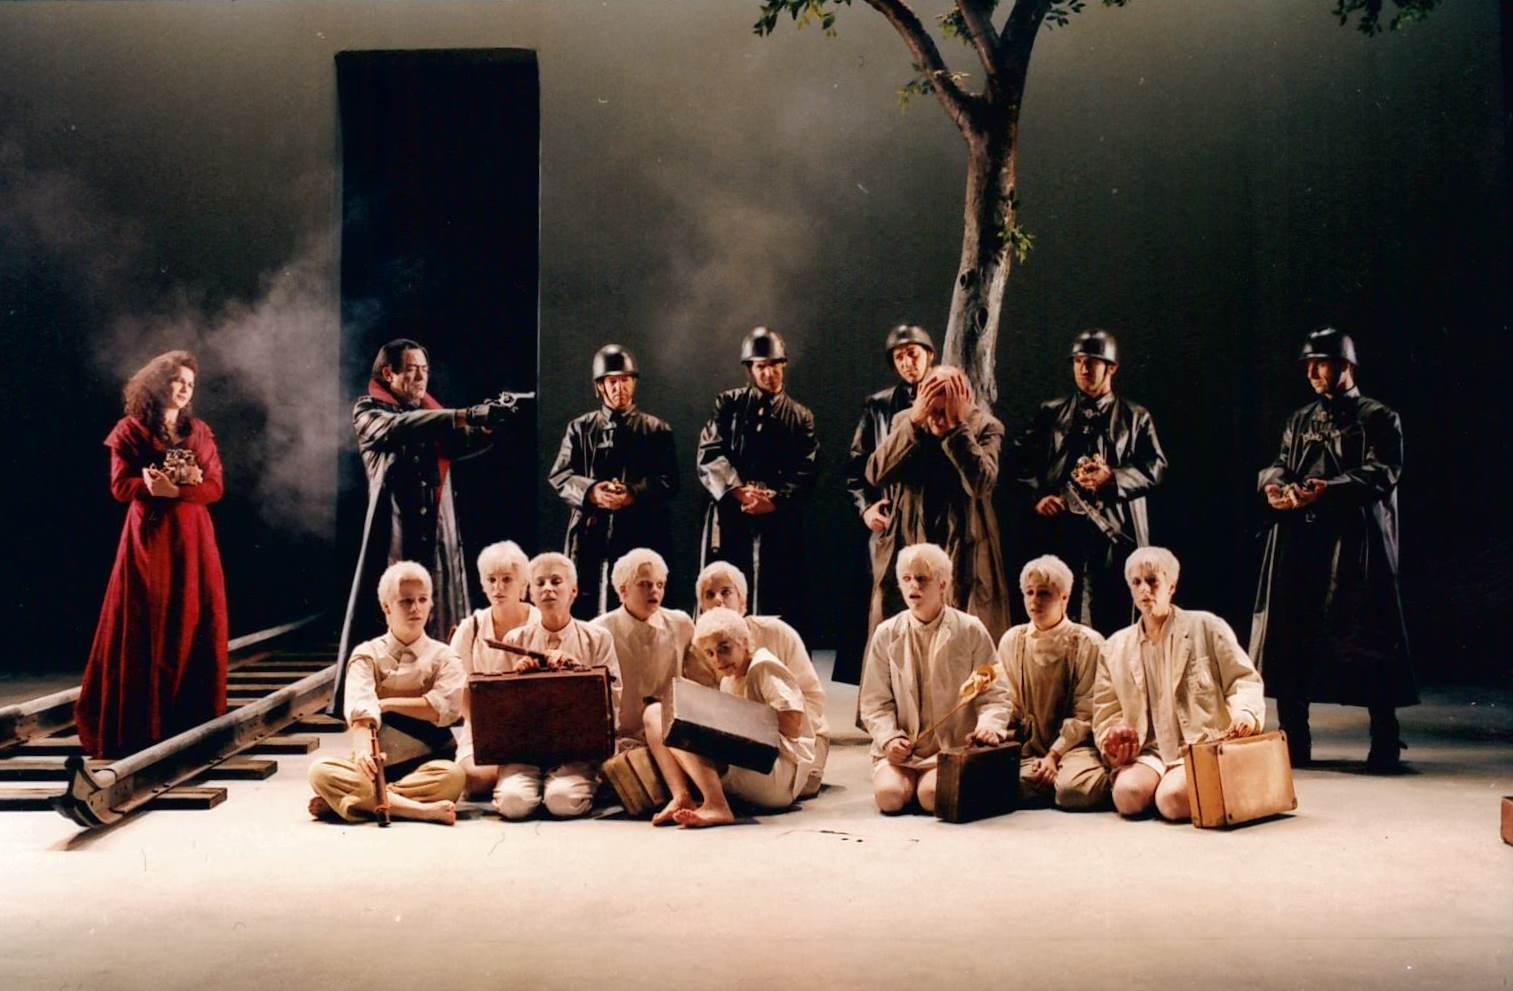 צילום: פסי גירש, באדיבות ארכיון תיאטרון הבימה